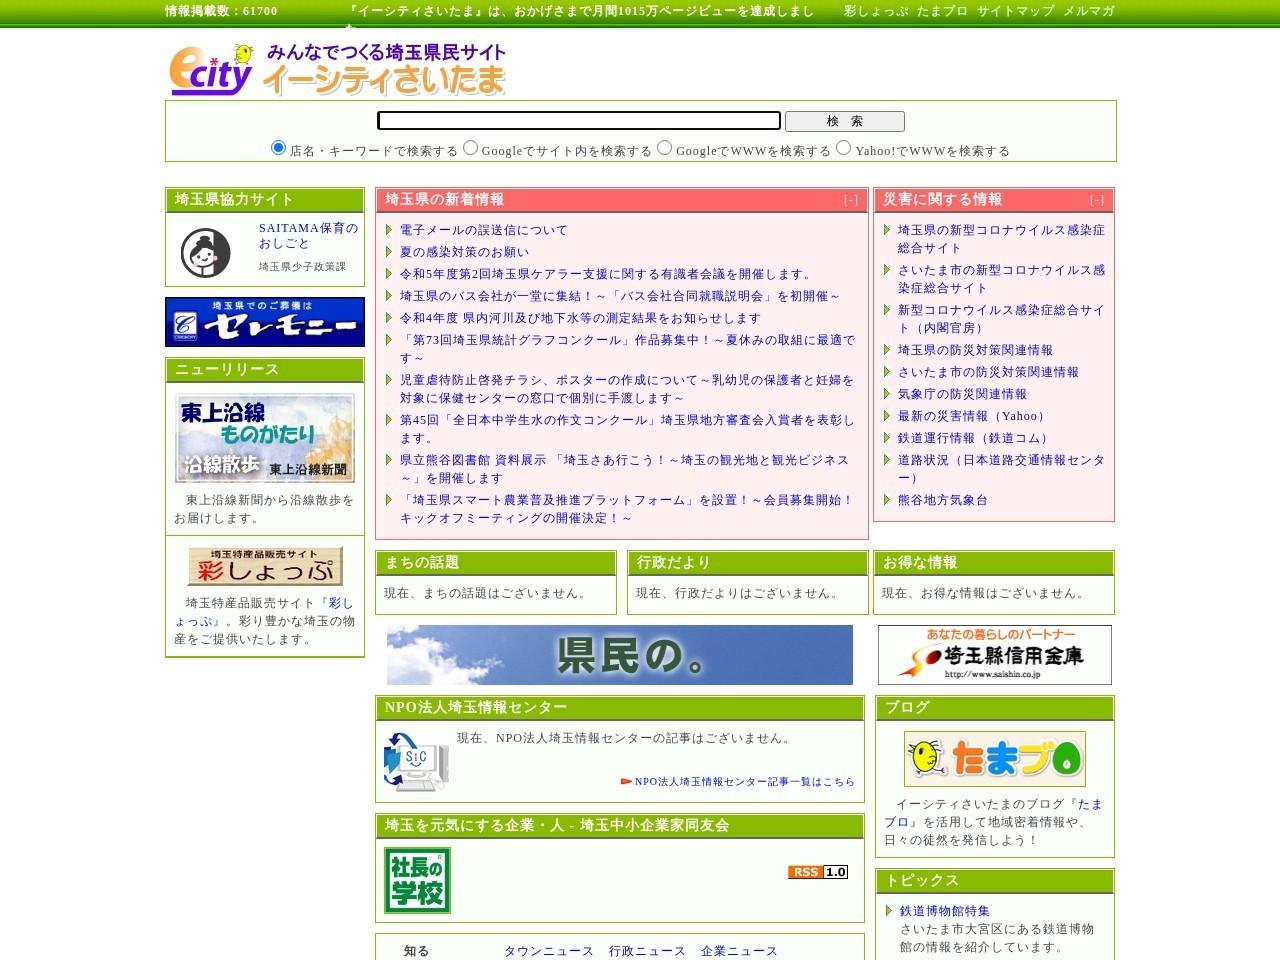 みんなでつくる埼玉県民サイト『イーシティさいたま』